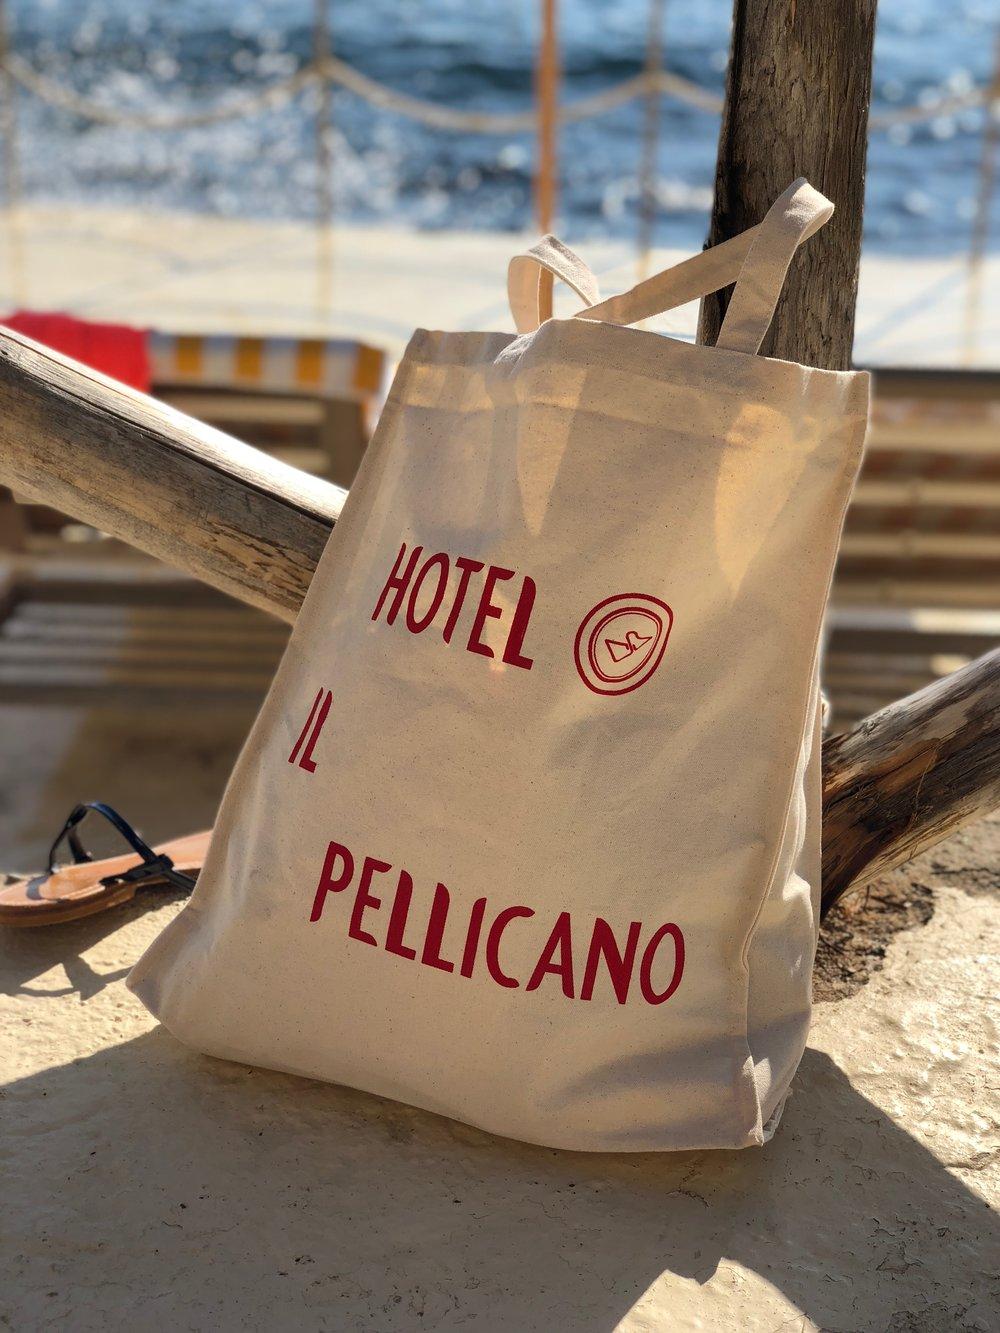 hotelilpellicano-ilpellicanostyle5.jpg